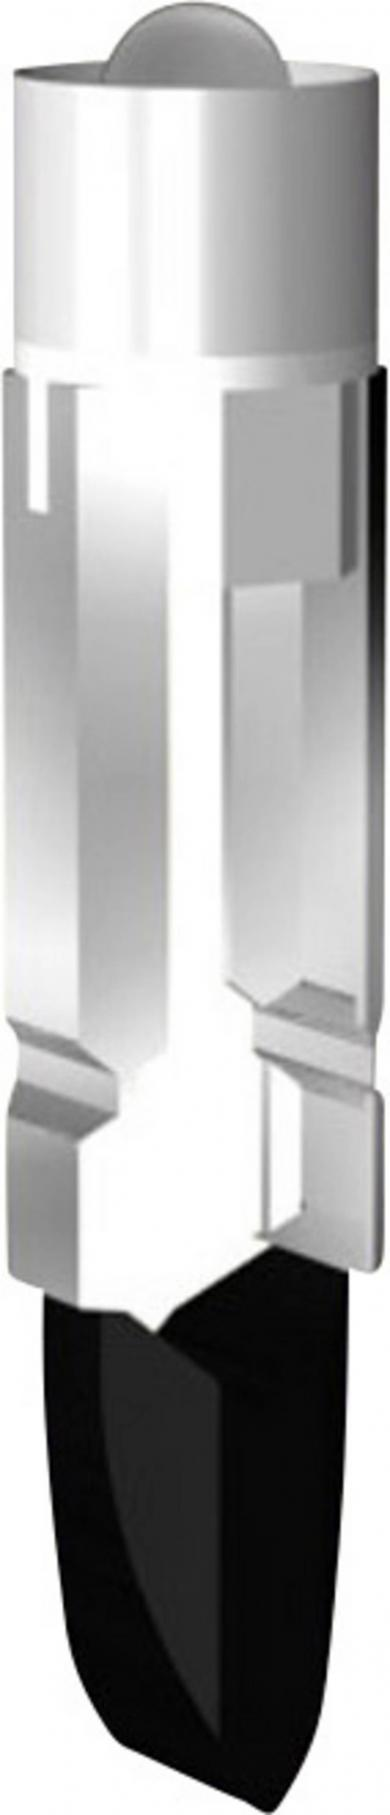 Led alb de semnalizare (înlocuitor becuri de semnalizare) Signal Construct MEDT5562